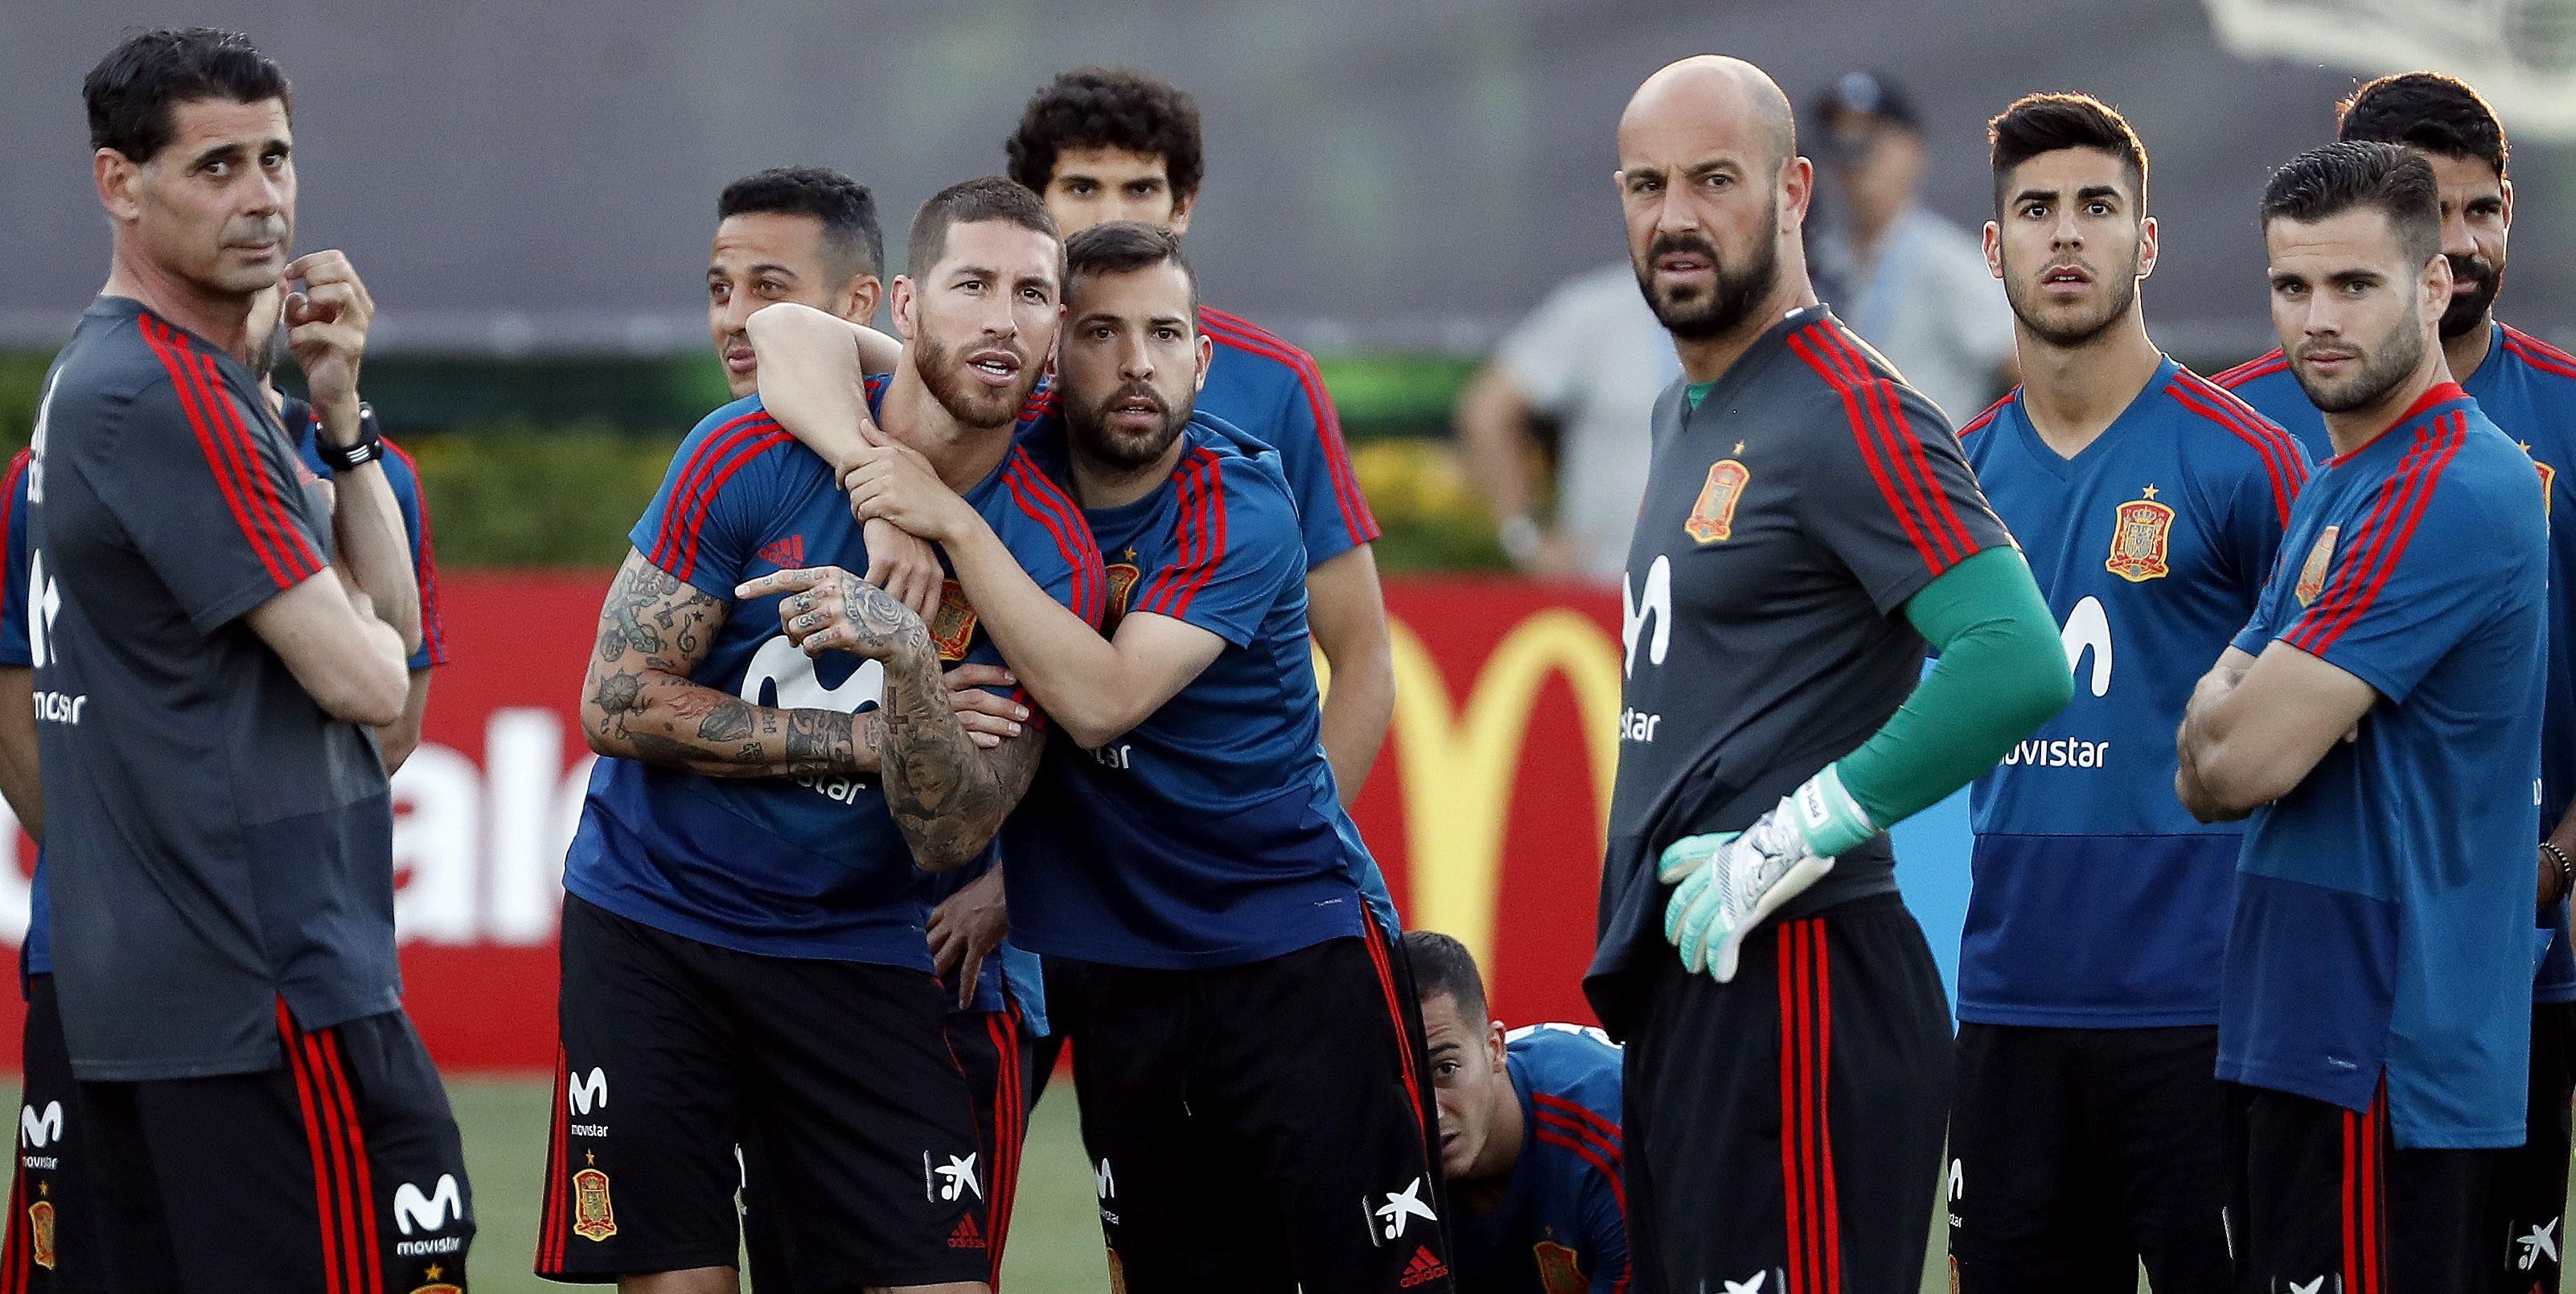 selección española campeona mundial 2018 rusia